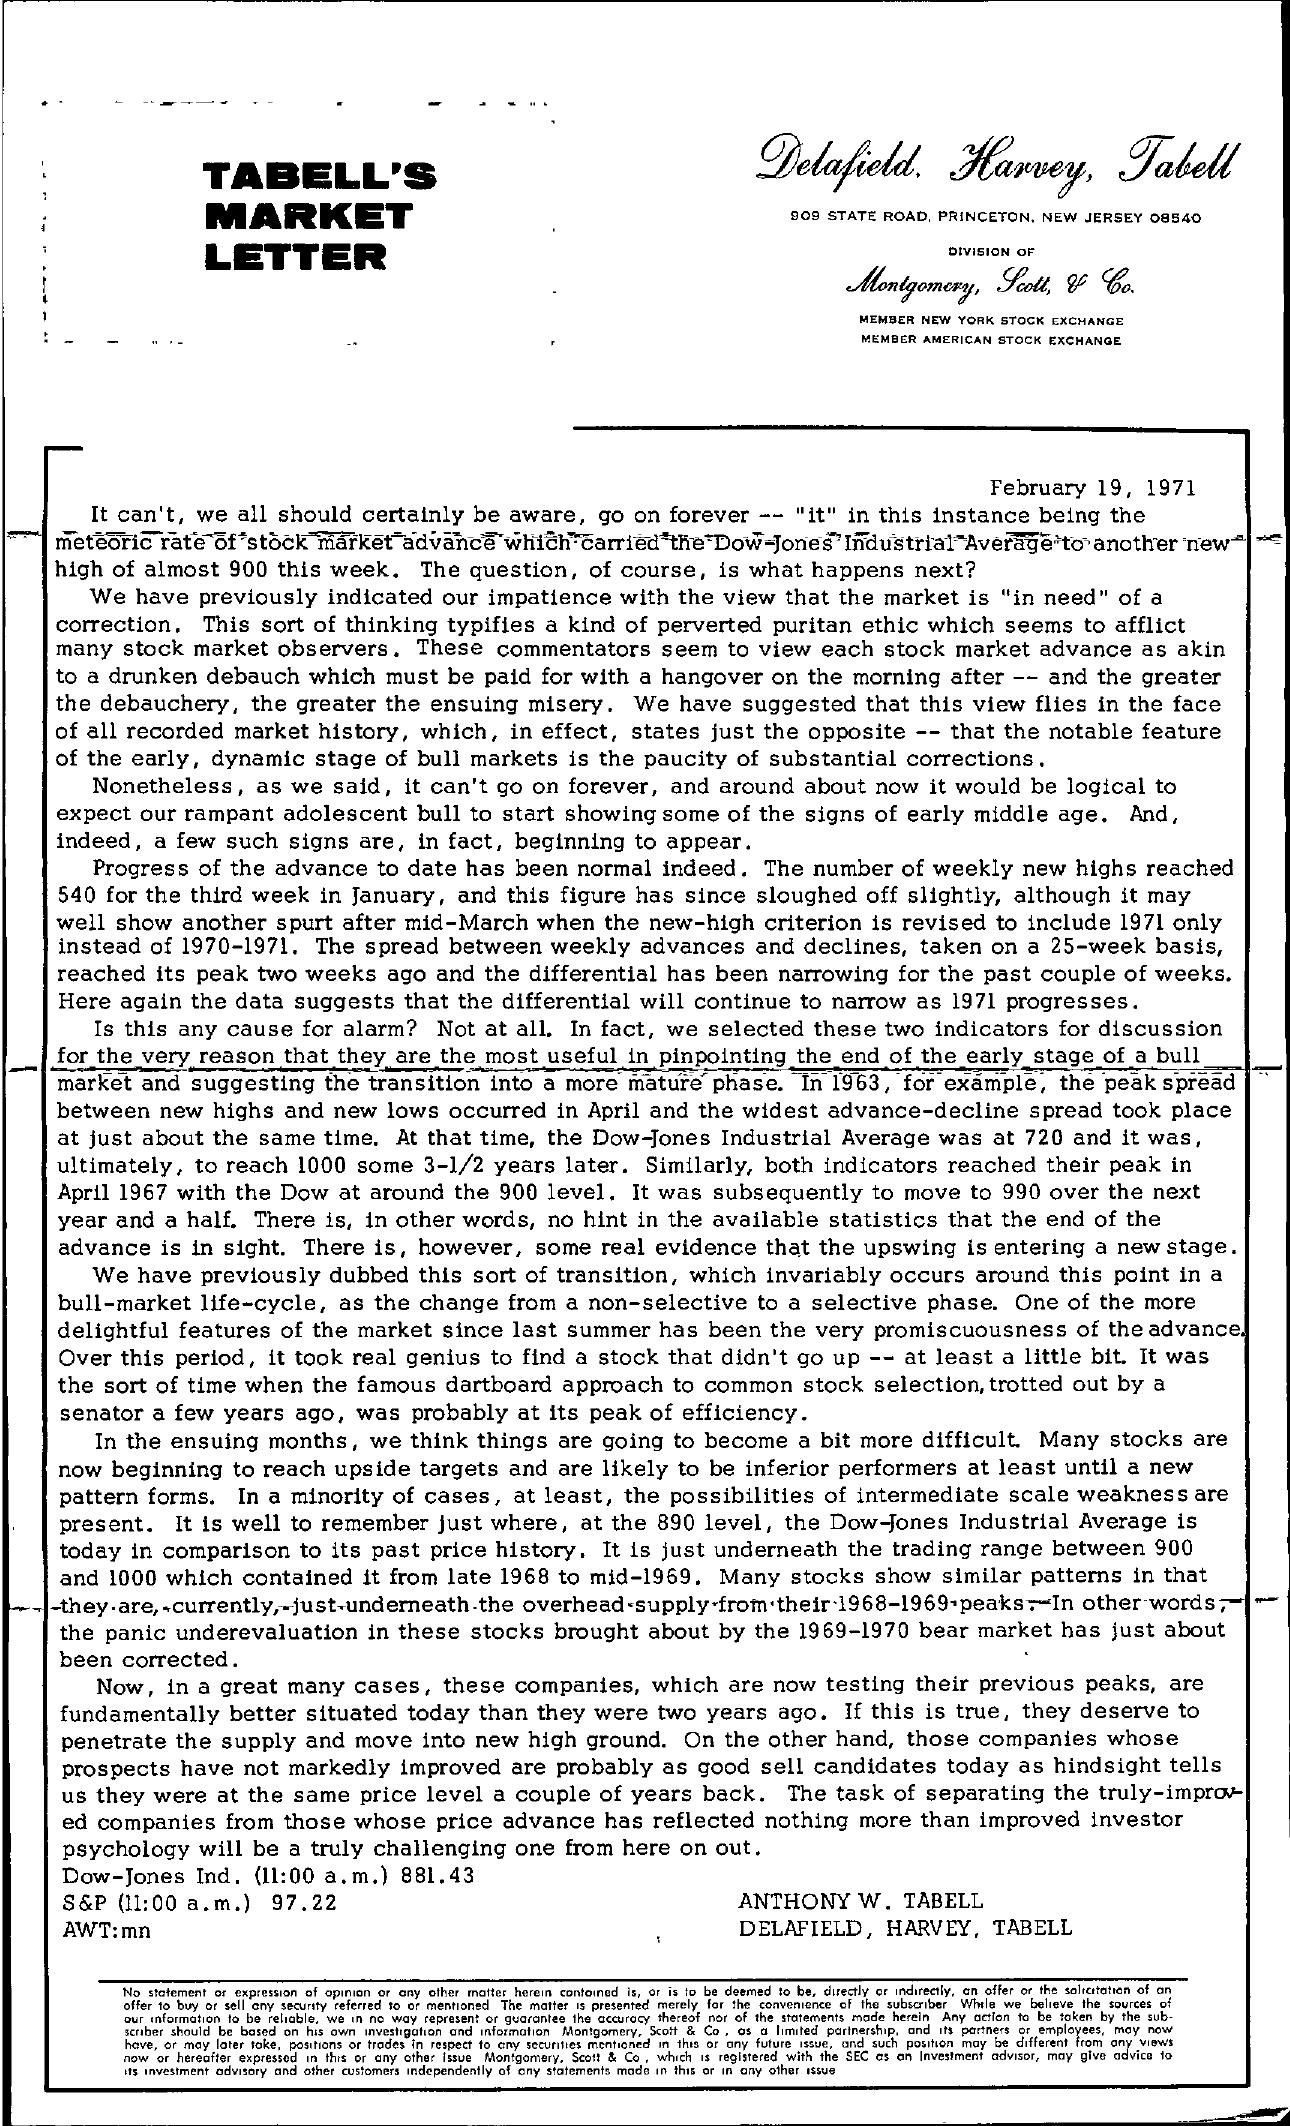 Tabell's Market Letter - February 19, 1971